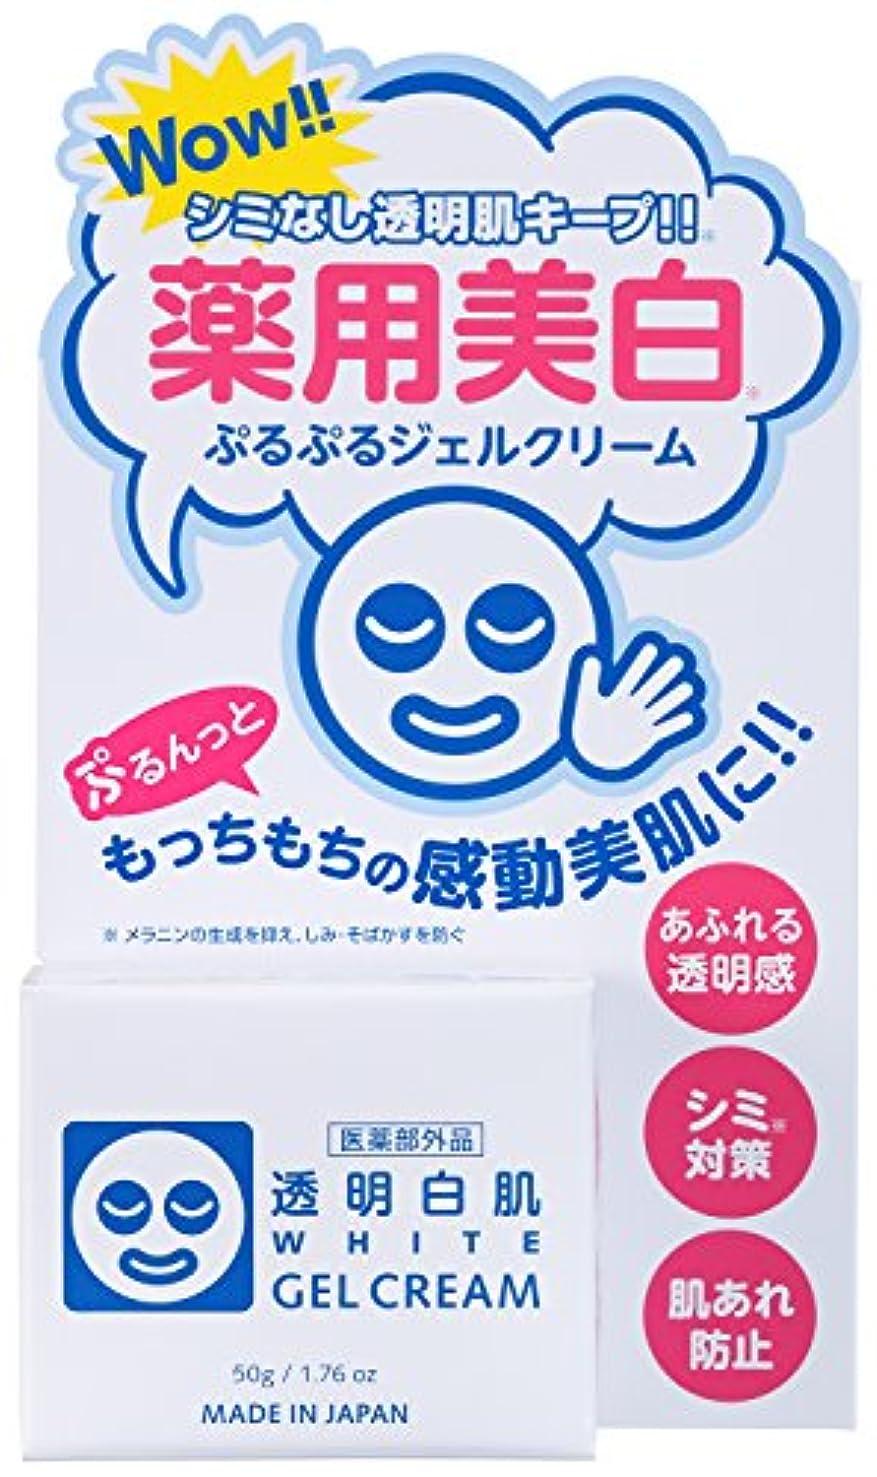 盆モザイクライナー透明白肌 薬用ホワイトジェルクリーム <医薬部外品> 50g